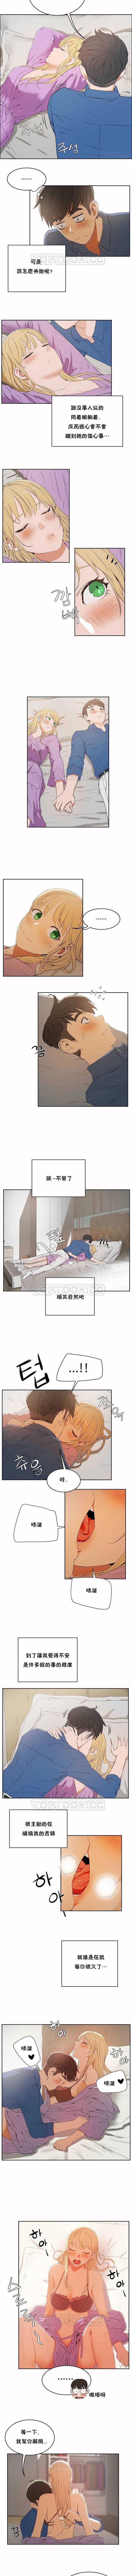 性教育 1-48.5 中文翻译(完結) 45